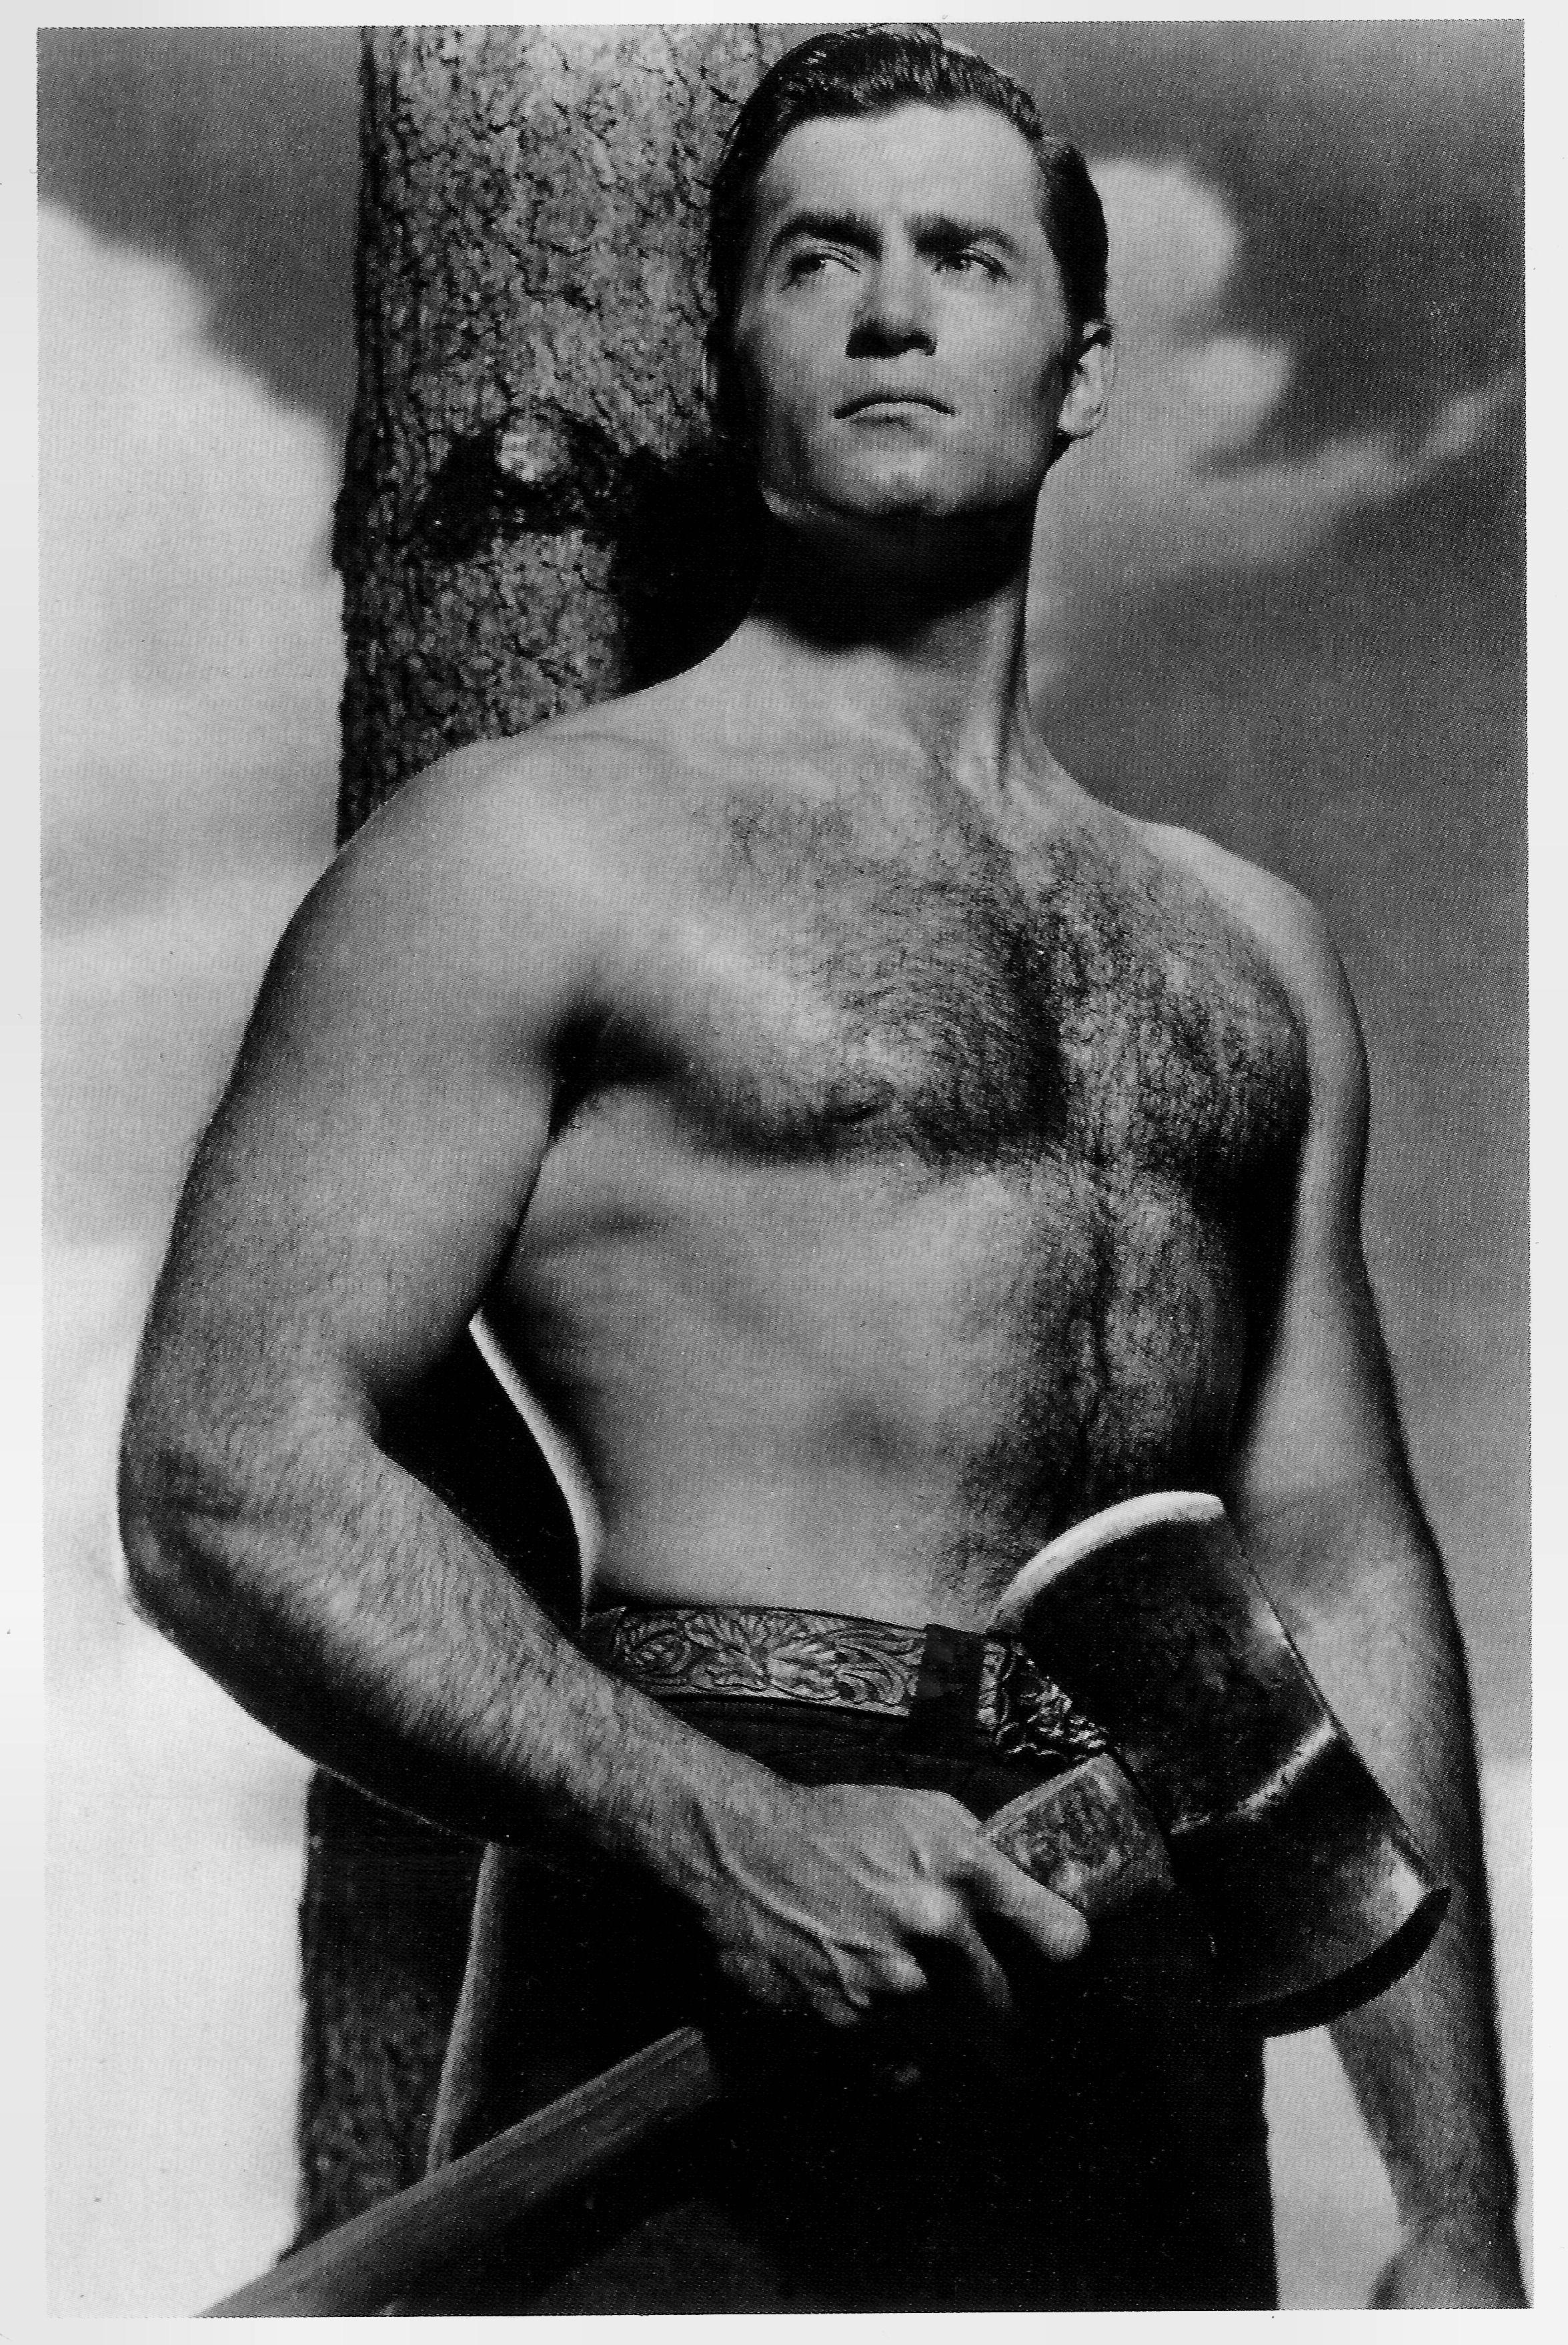 Clint Walker in Cheyenne (1955-1962)